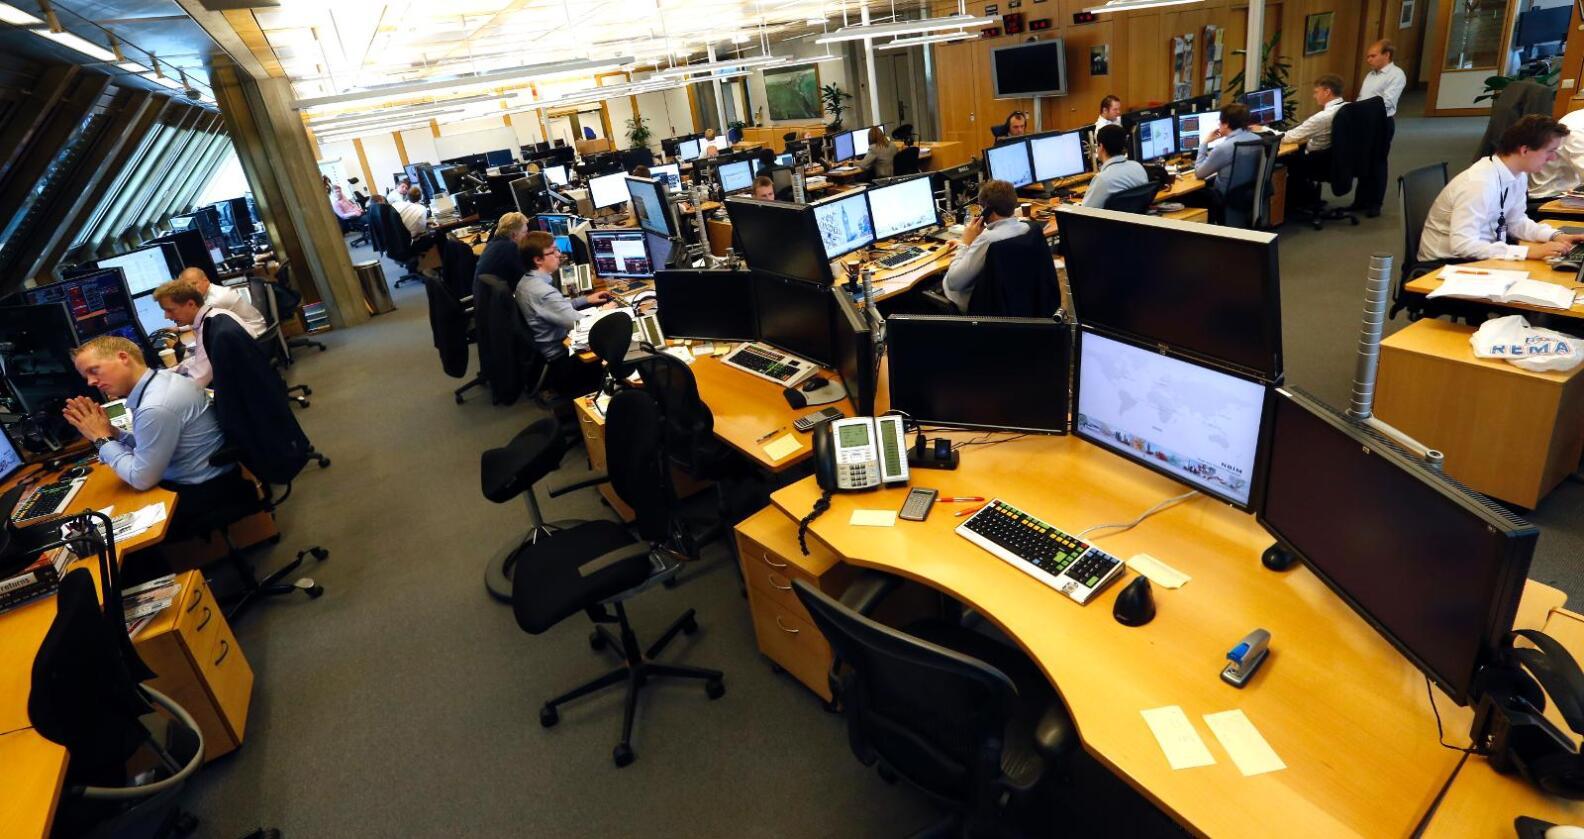 Her forvaltast pengane: Tradingrommet i Noregs Bank forvaltar Statens pensjonsfond - utland. Foto: Lise Åserud / NTB scanpix